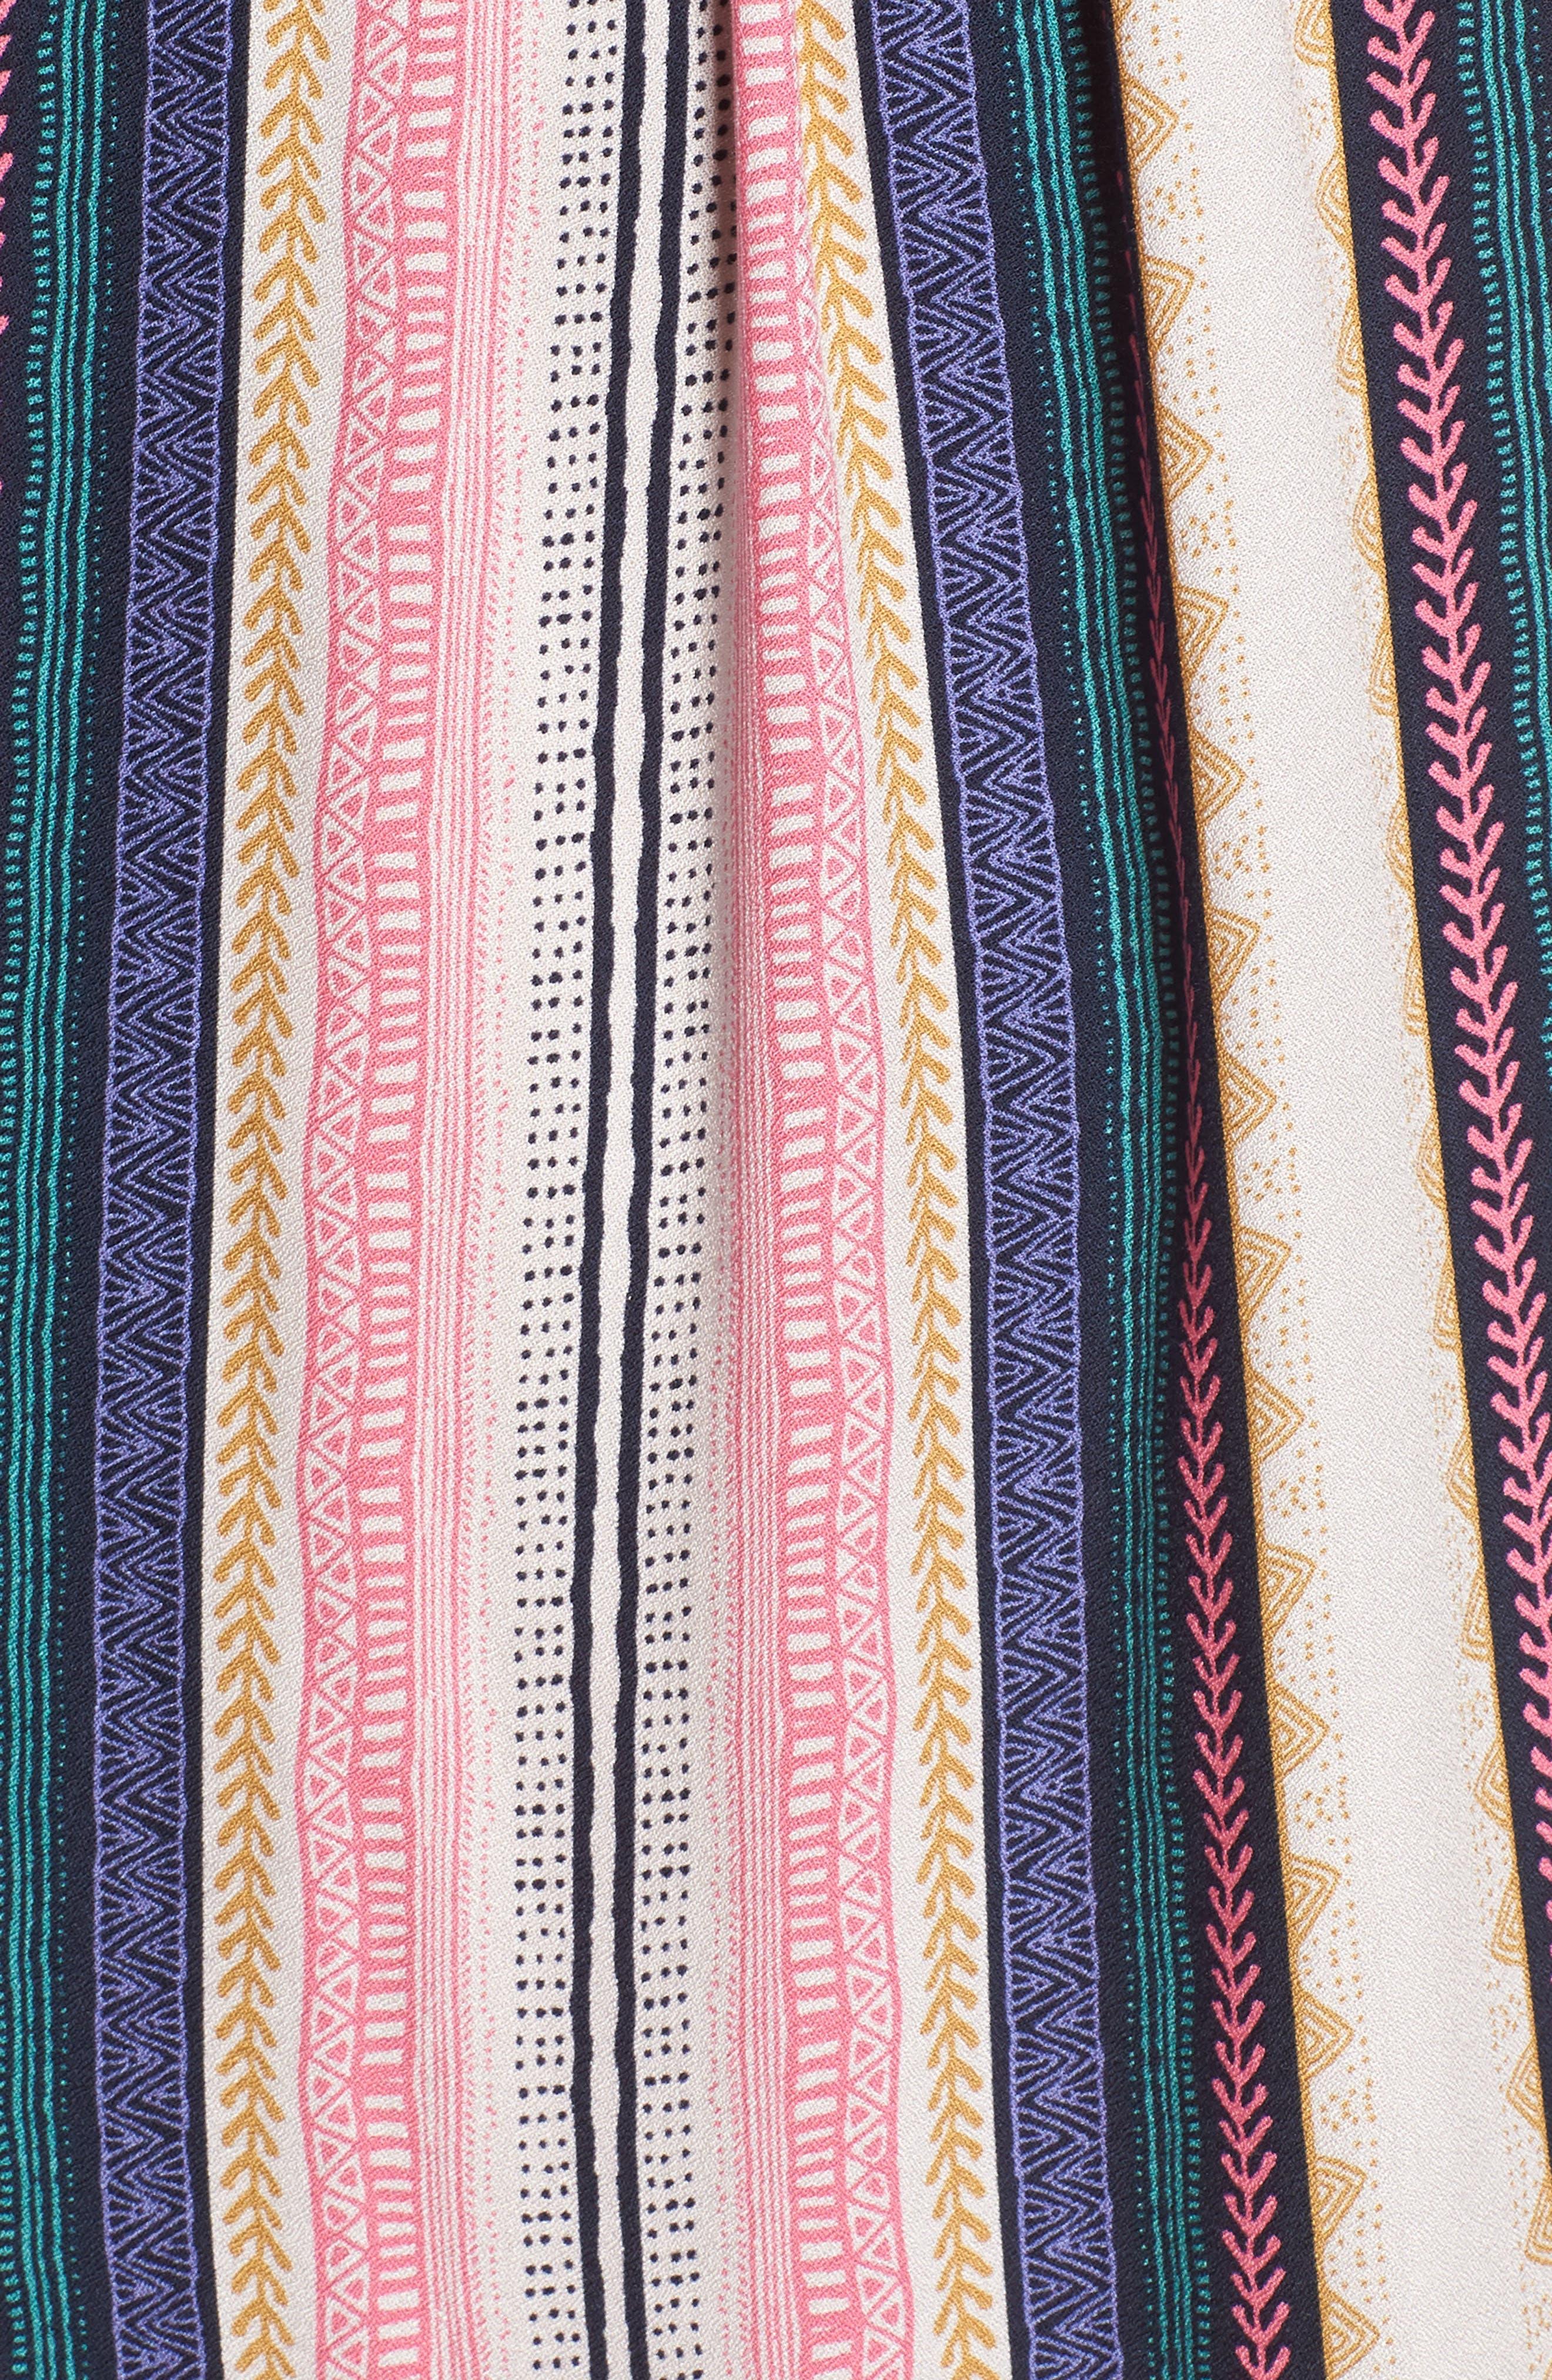 Stripe Maxi Dress,                             Alternate thumbnail 5, color,                             Multi Stripe